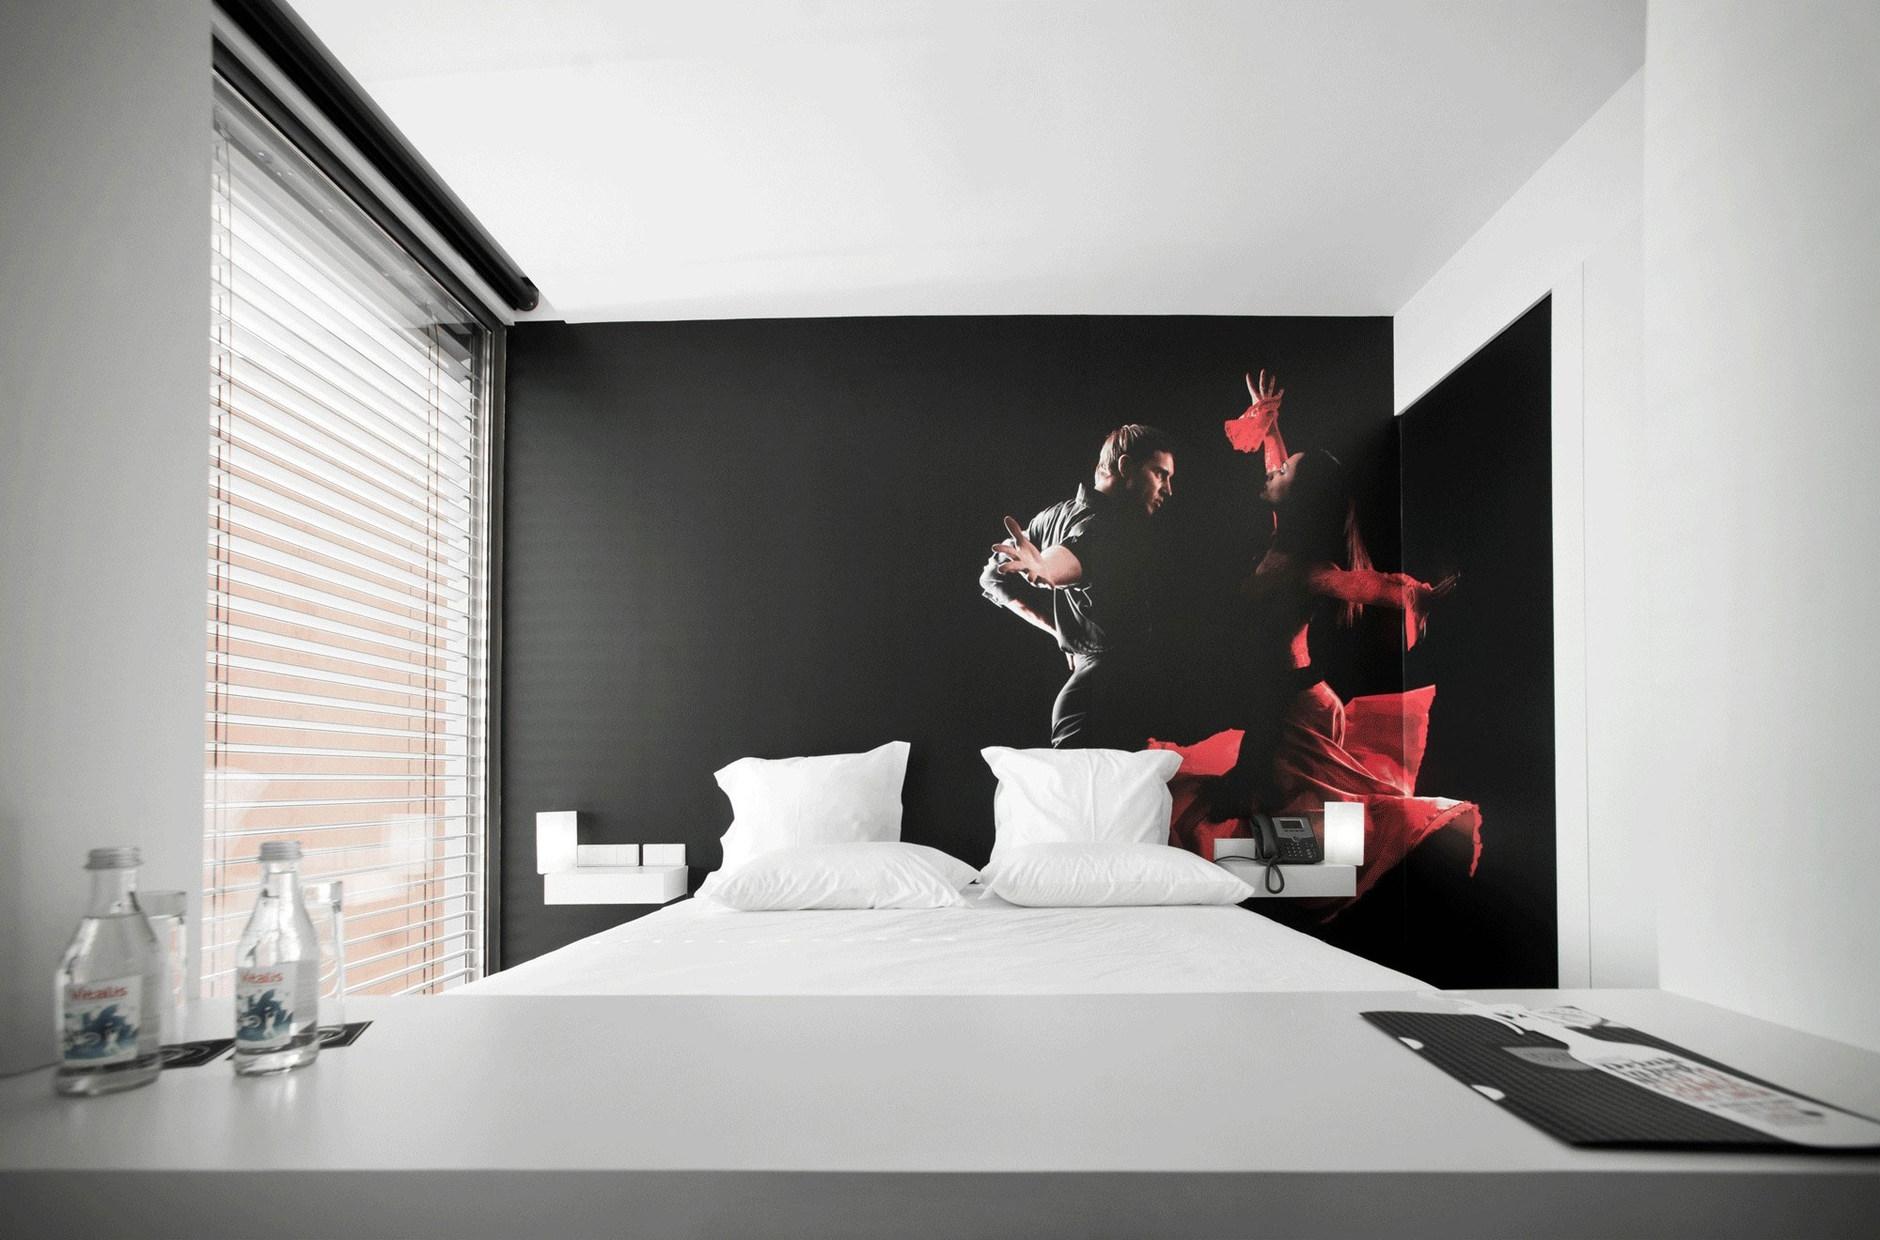 Design wine hotel by barbosa guimaraes arquitectos for Designhotel 21